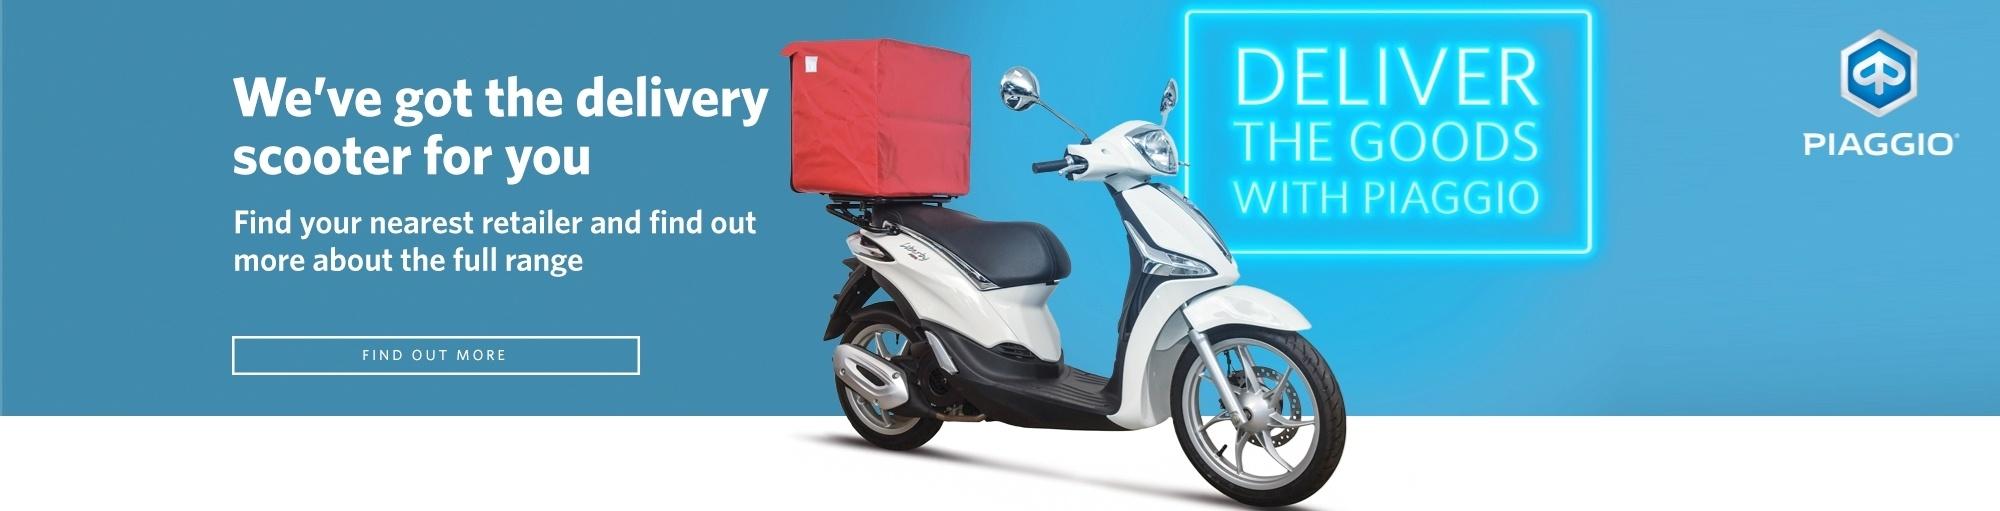 Piaggio Delivery Scooter